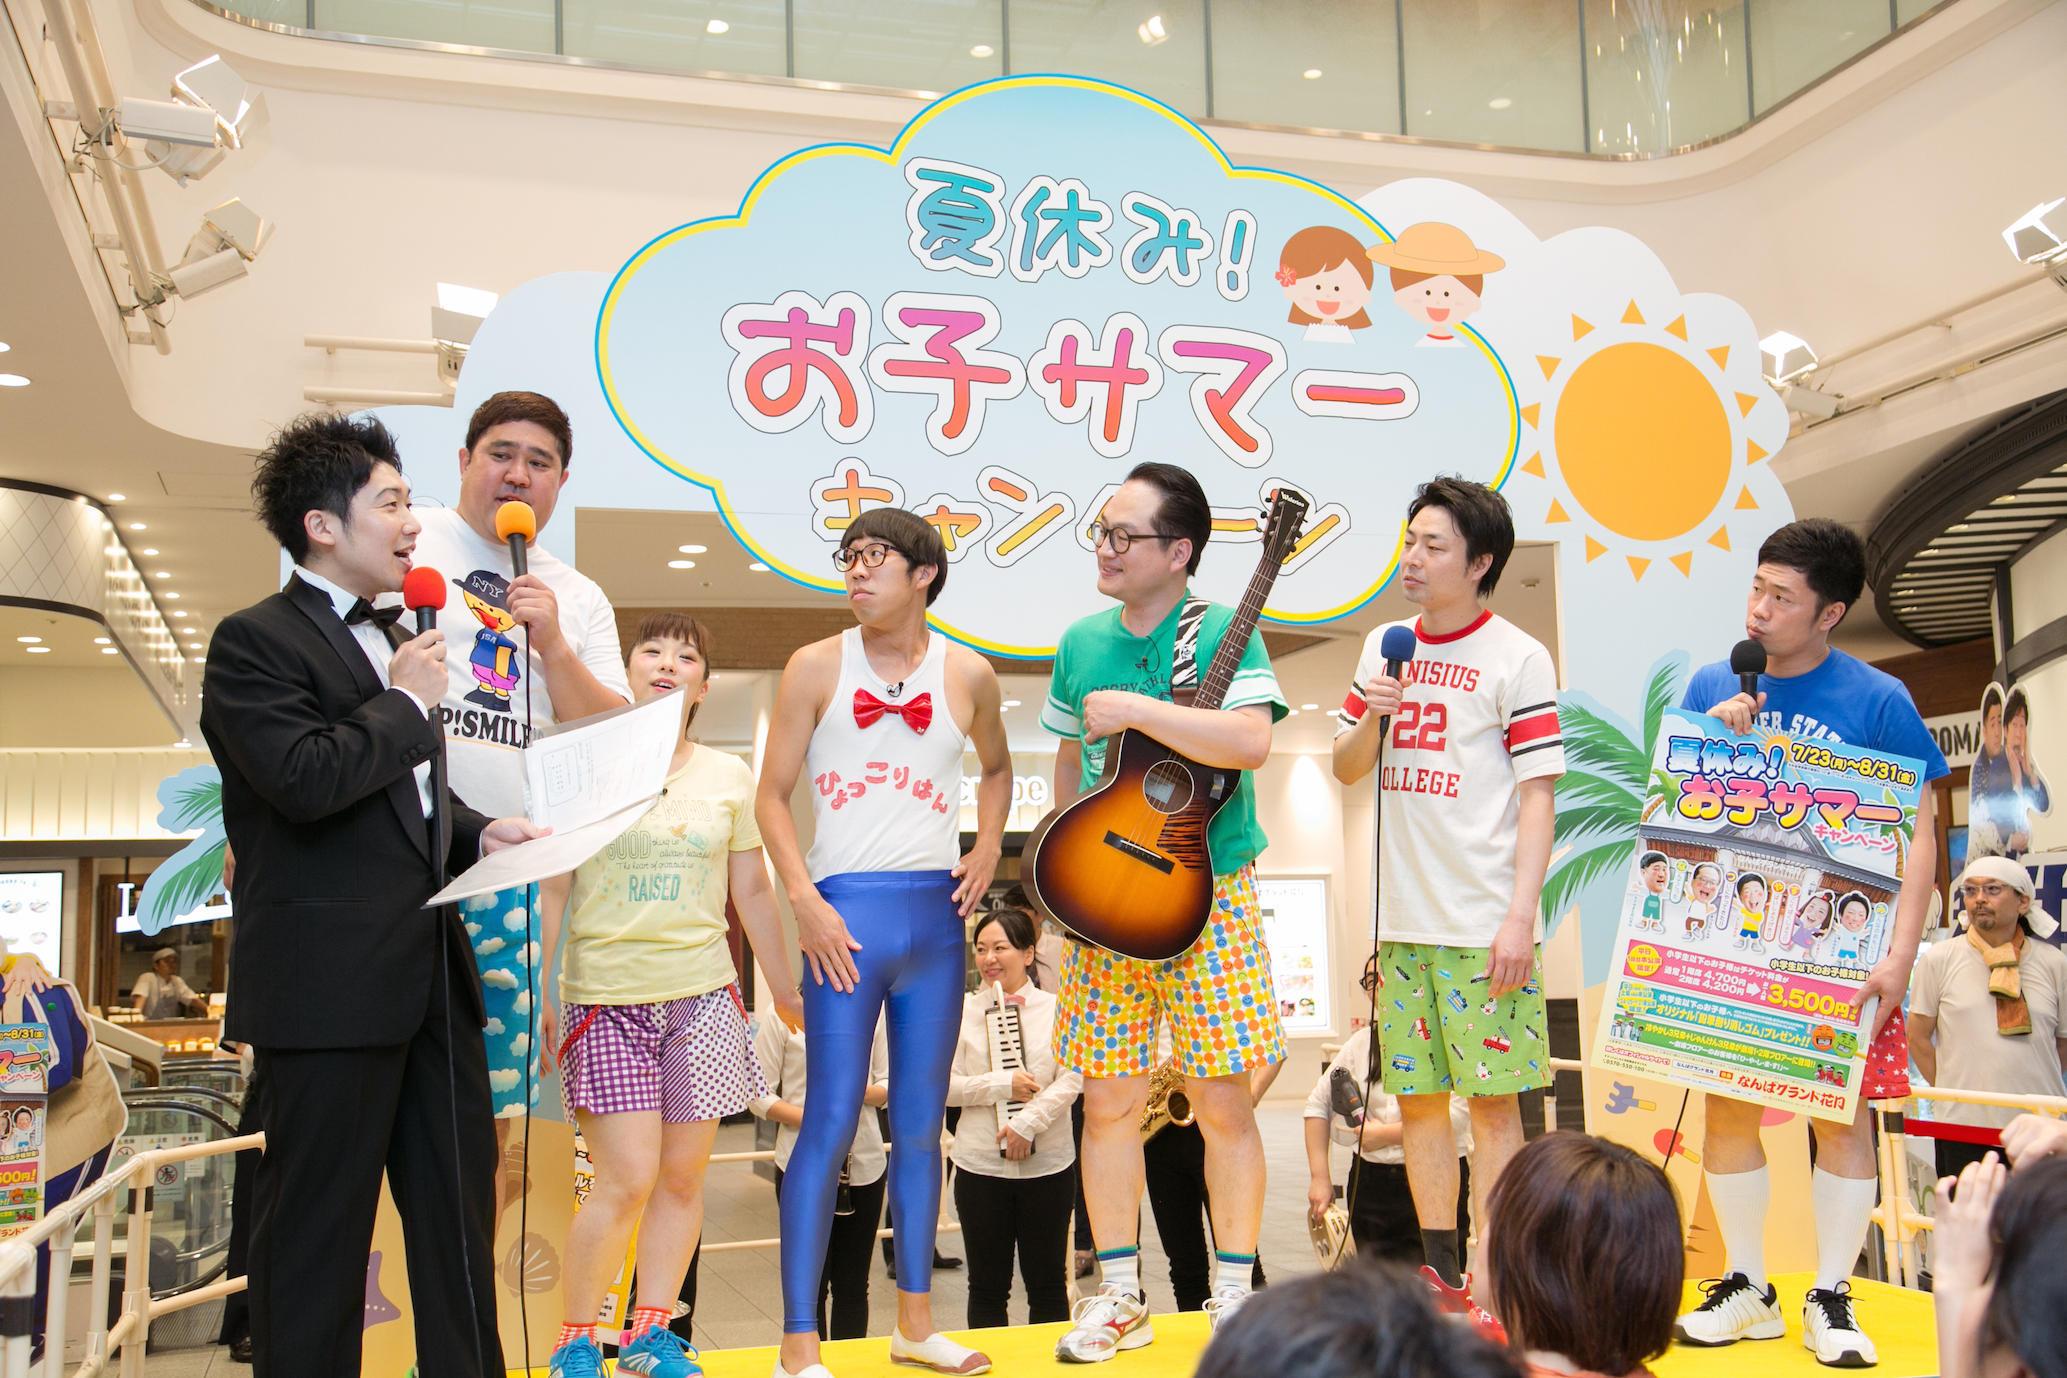 http://news.yoshimoto.co.jp/20180717223848-0a5b11338510b81eb2eeb506fceade291ae98ae4.jpg